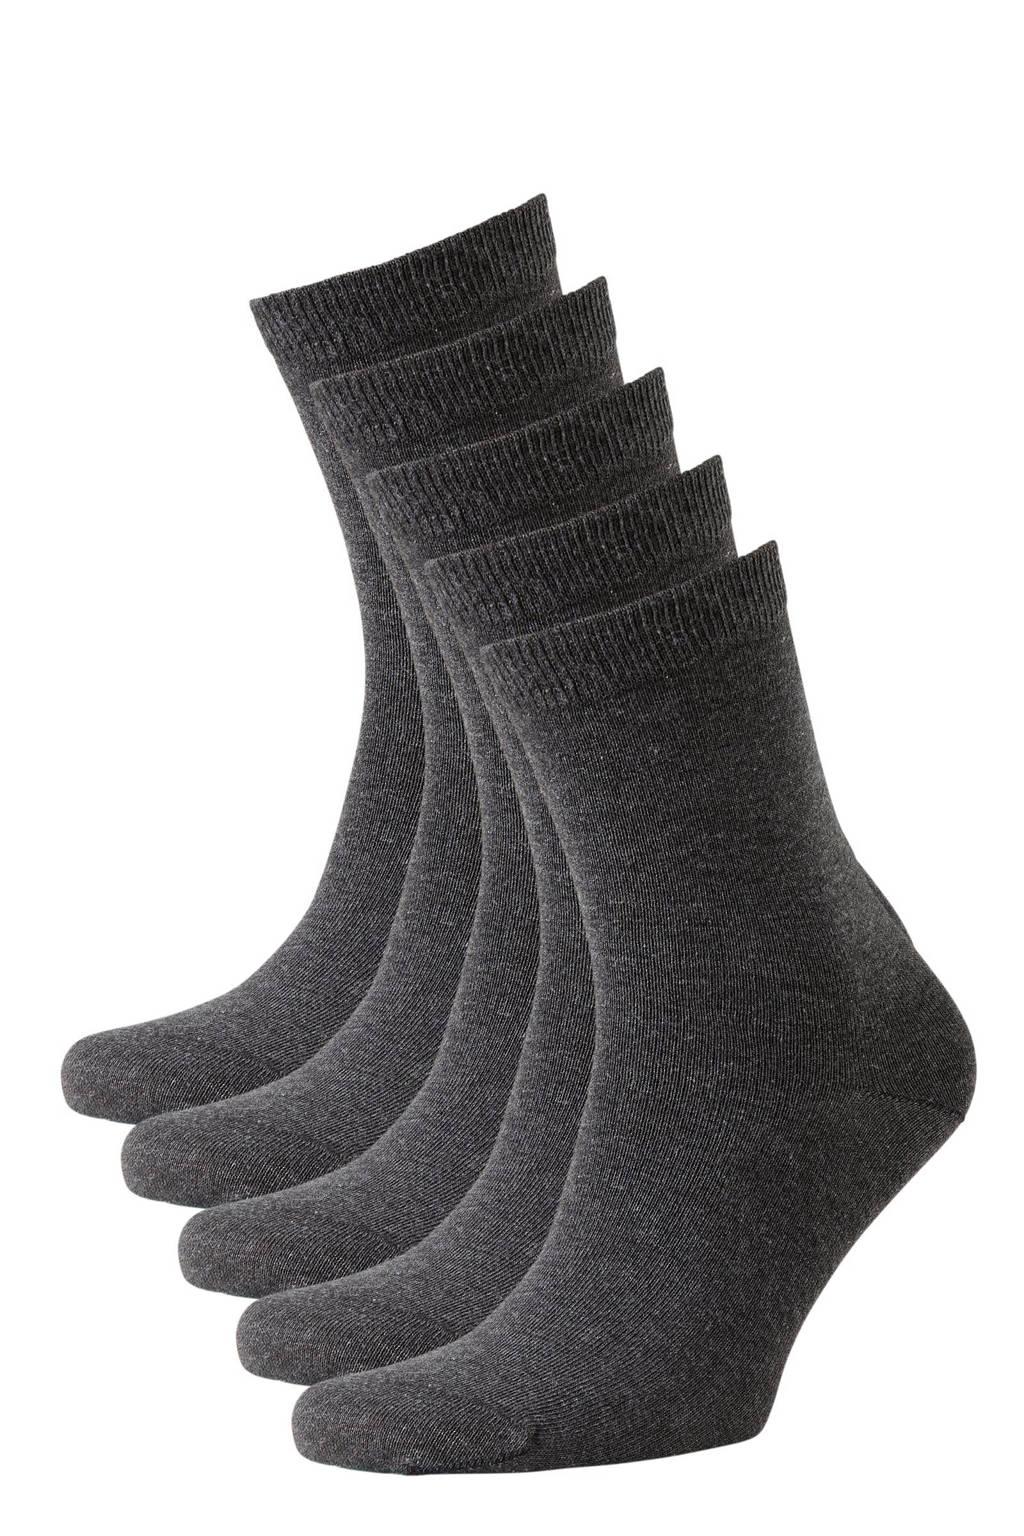 whkmp's own sokken - set van 7 antraciet, Antraciet